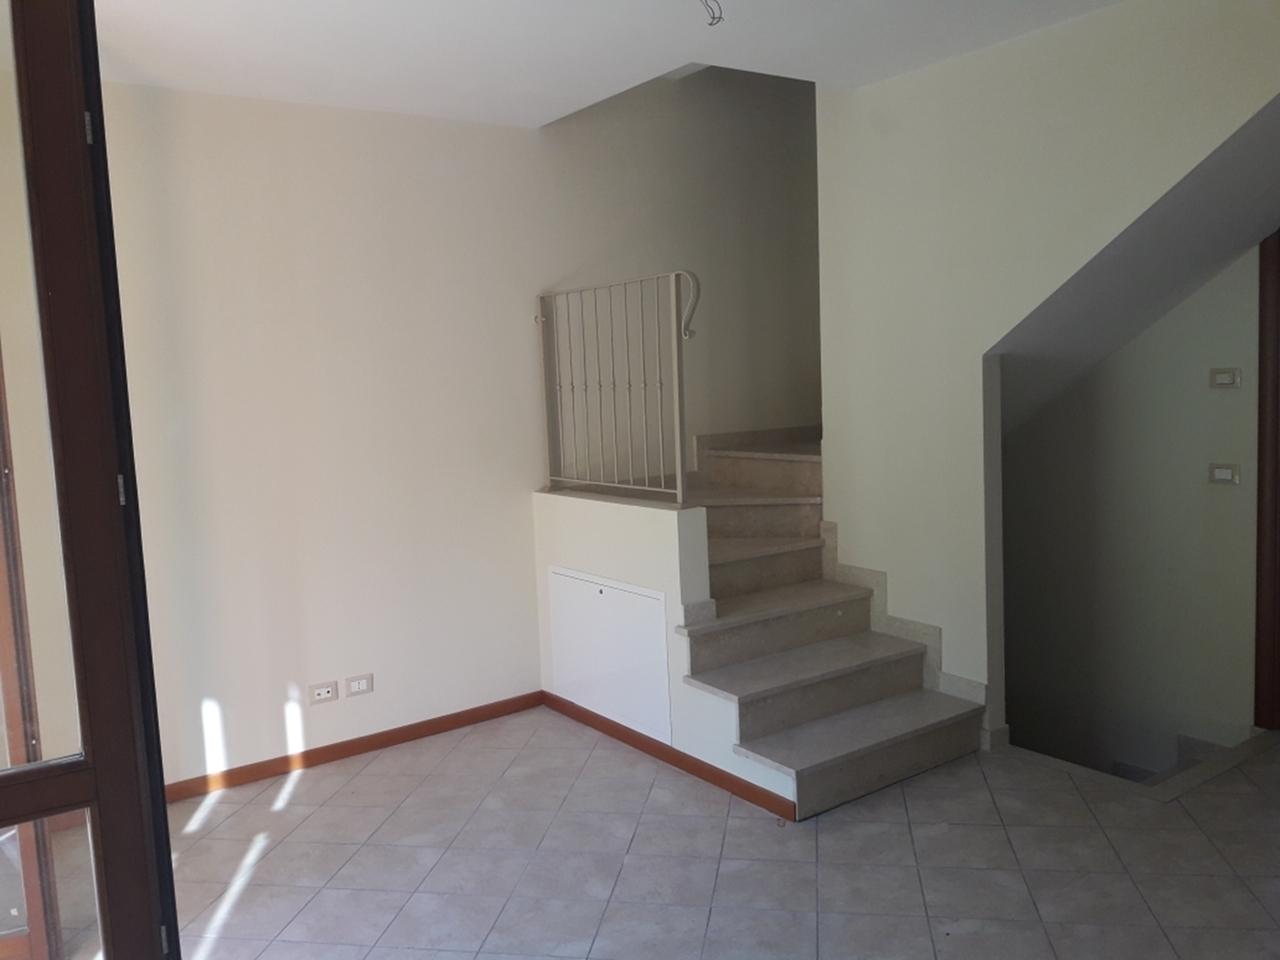 Villetta a schiera in vendita Rif. 8197681